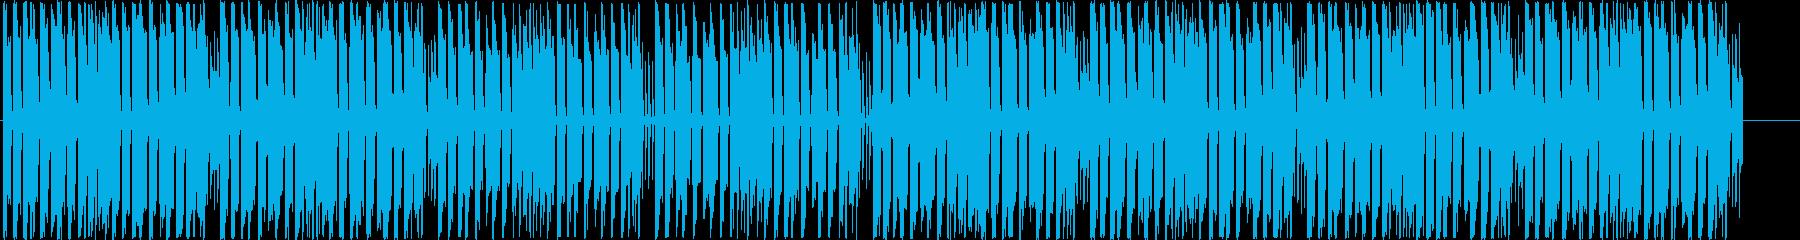 明るく勢いのあるダンスホールレゲエの再生済みの波形